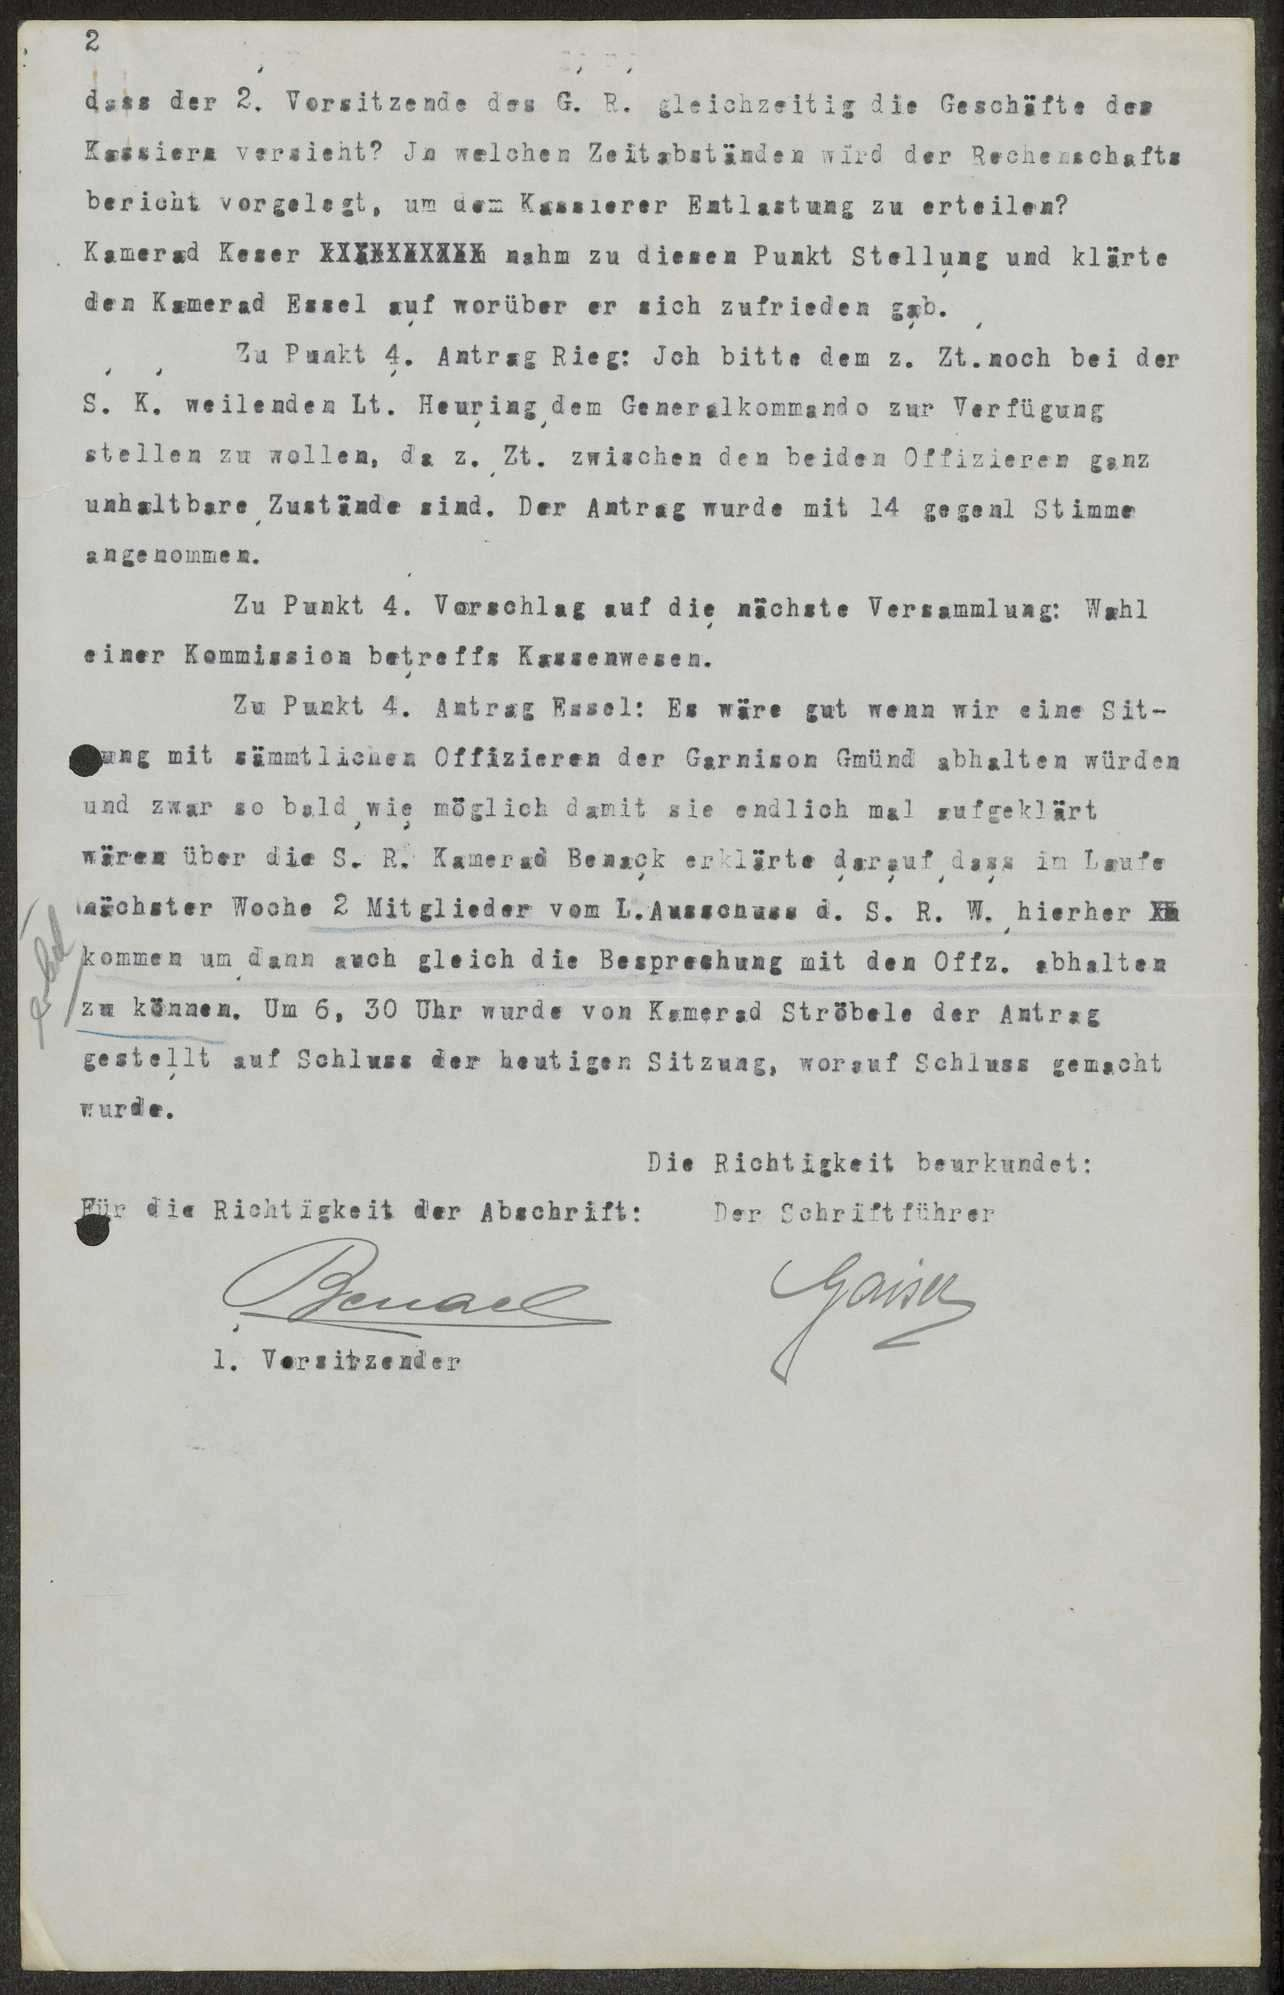 Protokoll und Tagesordnung der 10. und 11. Garnisonratssitzung, Bild 3